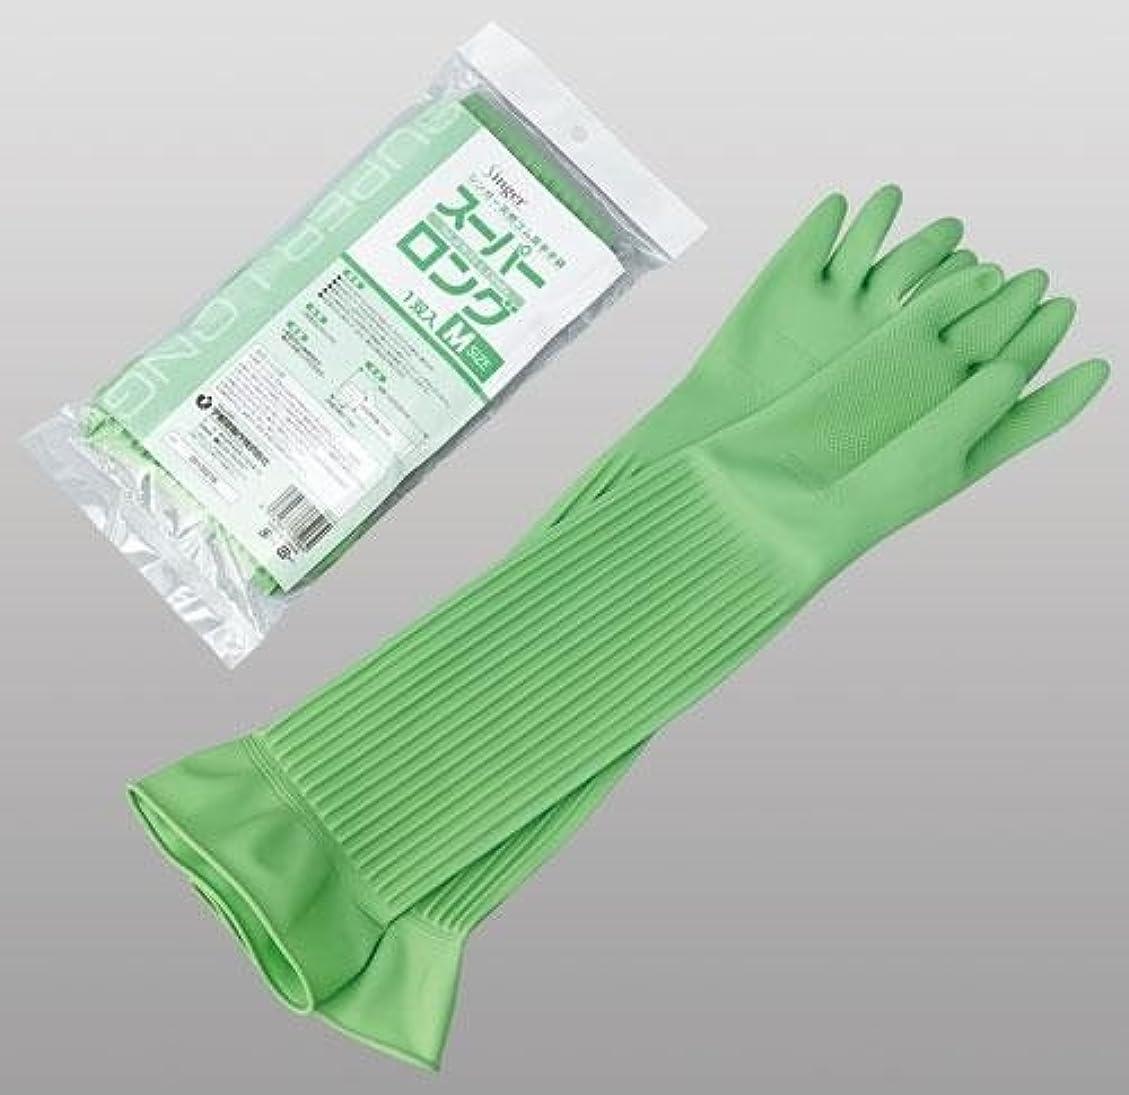 怠けた剃る対応シンガー天然ゴム厚手手袋 スーパーロング(1双) ■2種類の内「M」を1点のみです